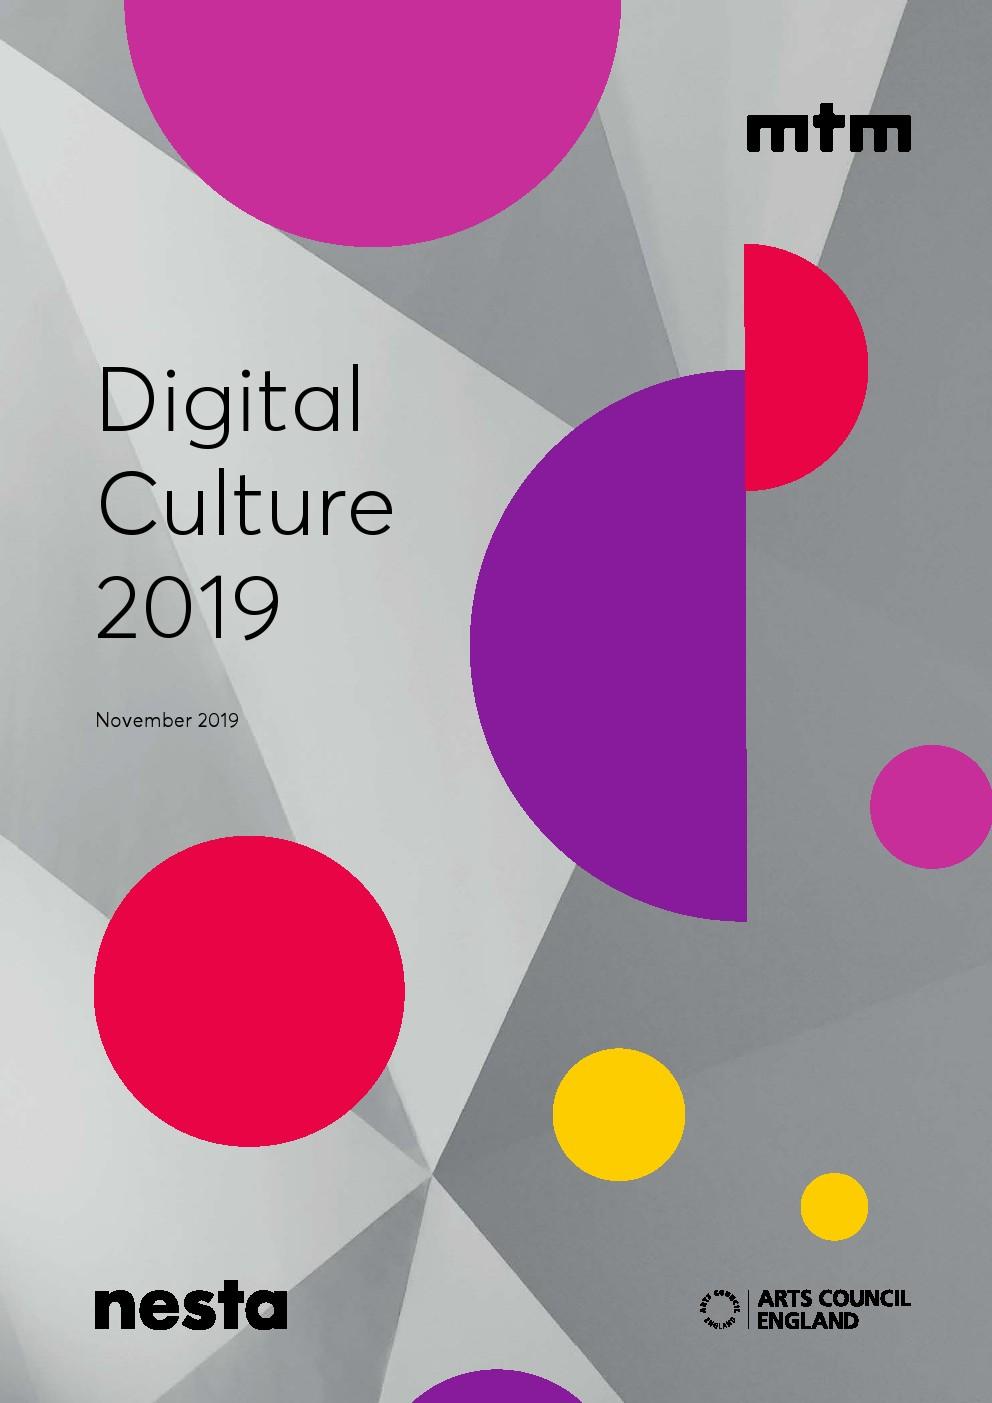 英国艺术委员会:2019年网络文化报告